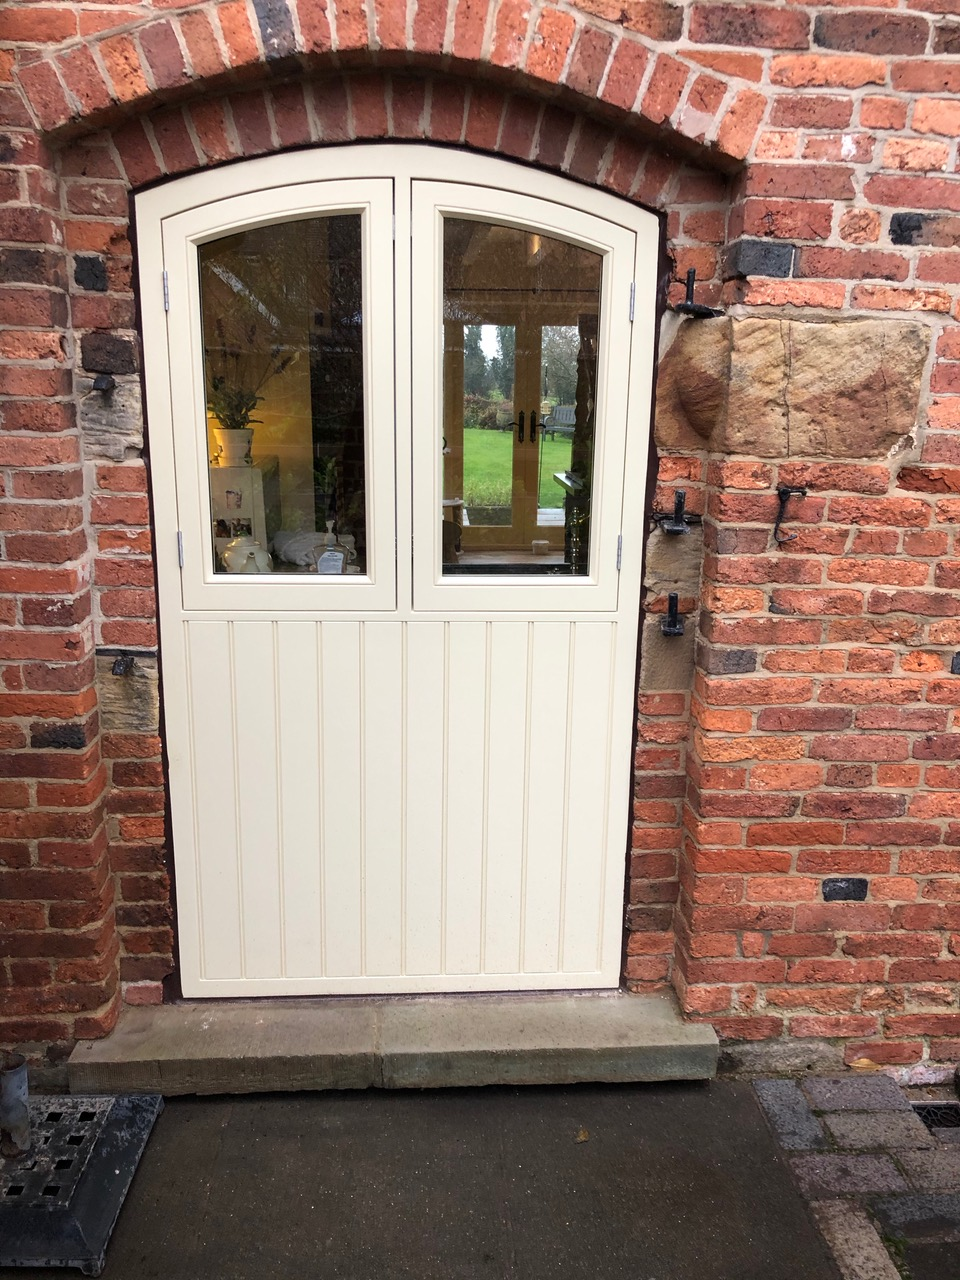 bespoke-door-filler-with-window